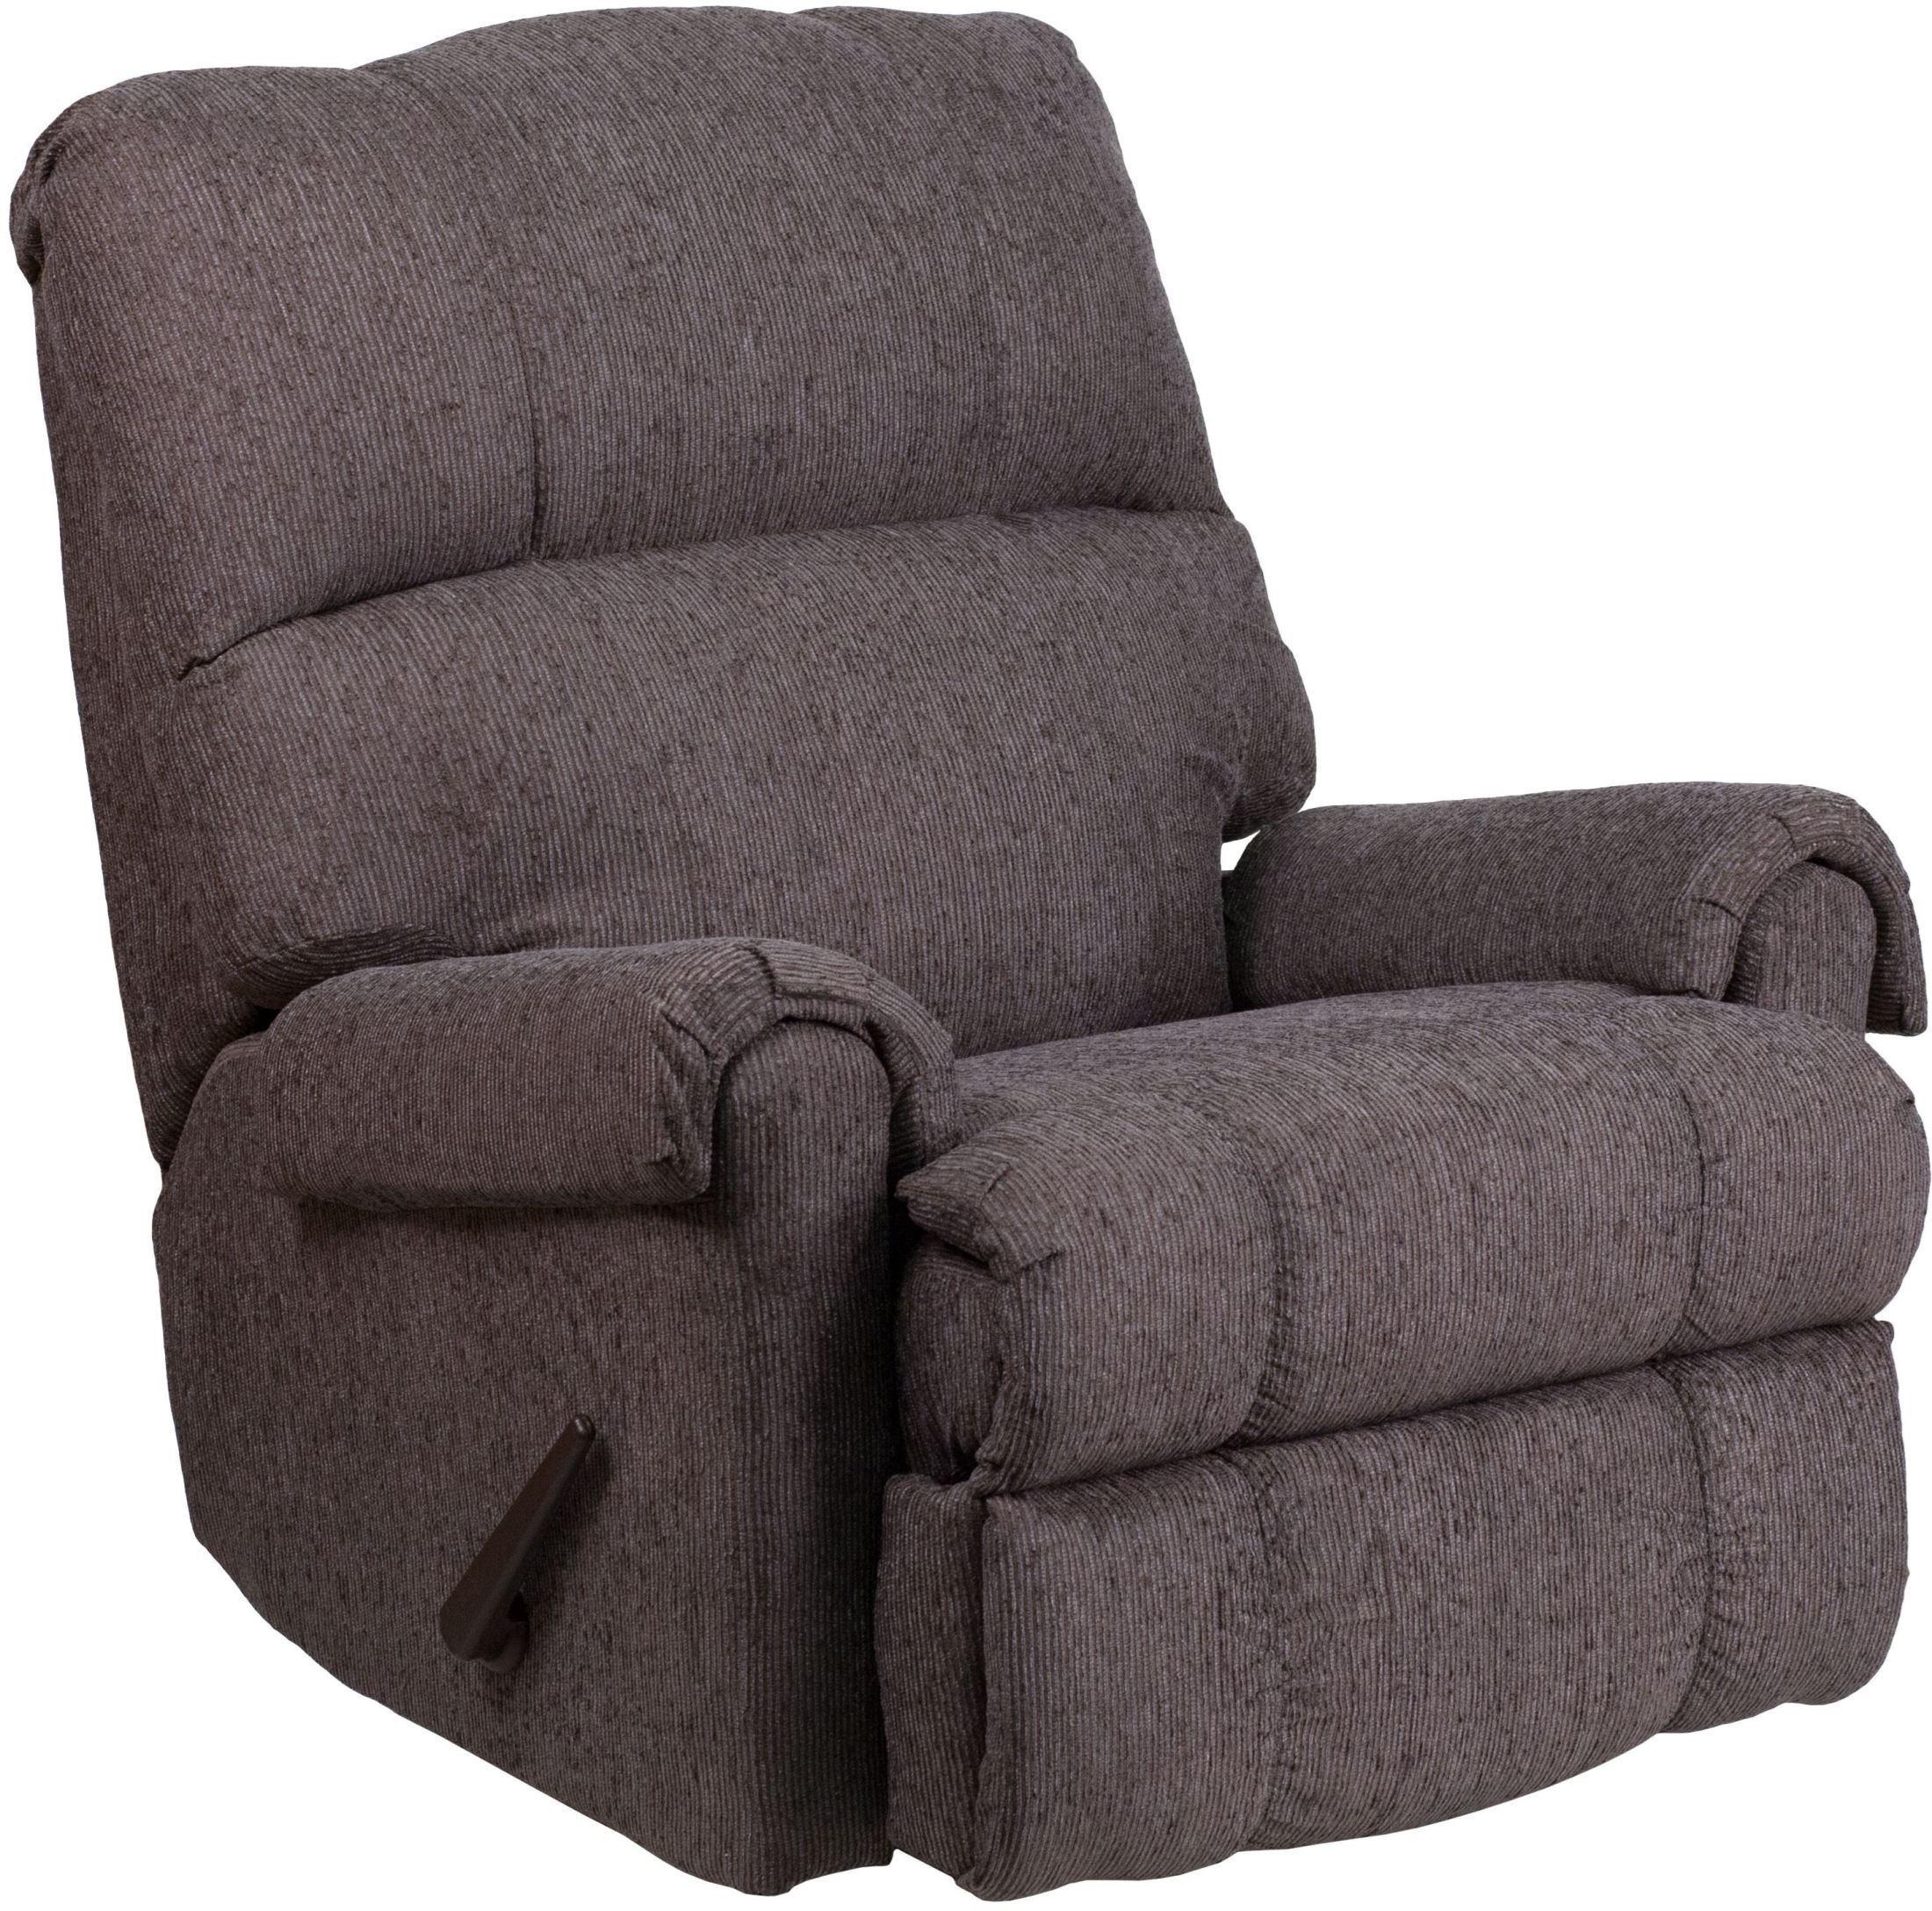 grey rocker recliner ranika gray rocker recliner from 9021225 greyson grey rocker. Black Bedroom Furniture Sets. Home Design Ideas